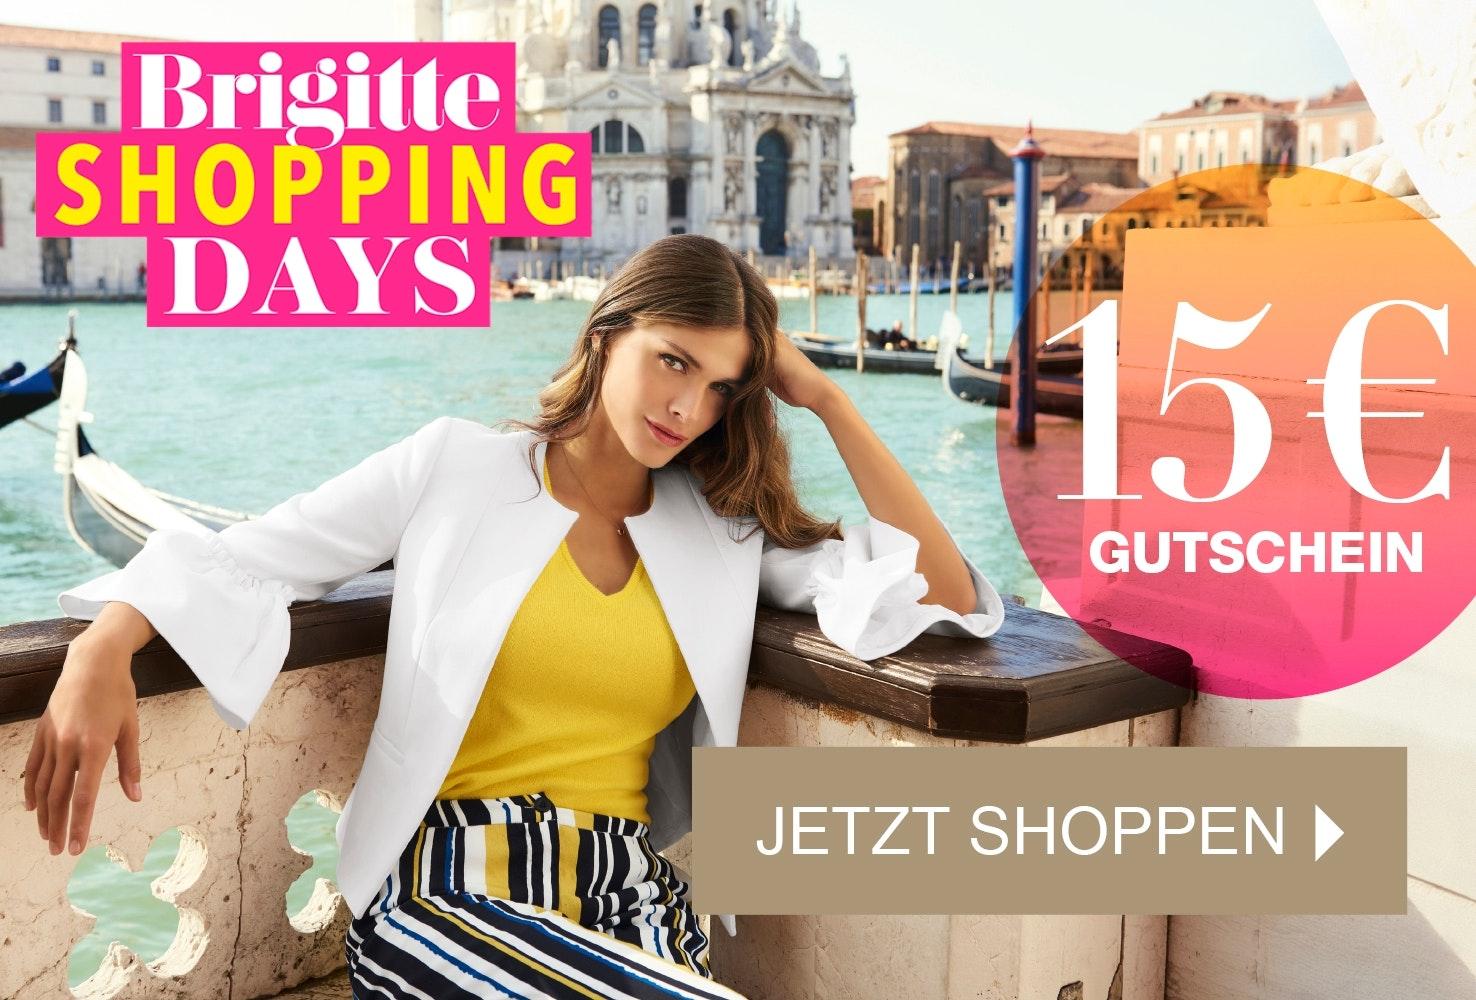 Kaufen Sie jetzt die aktuelle Ausgabe der BRIGITTE und sichern Sie sich einen 15 Euro Gutschein mit Ihrer BRIGITTE Shopping Card!